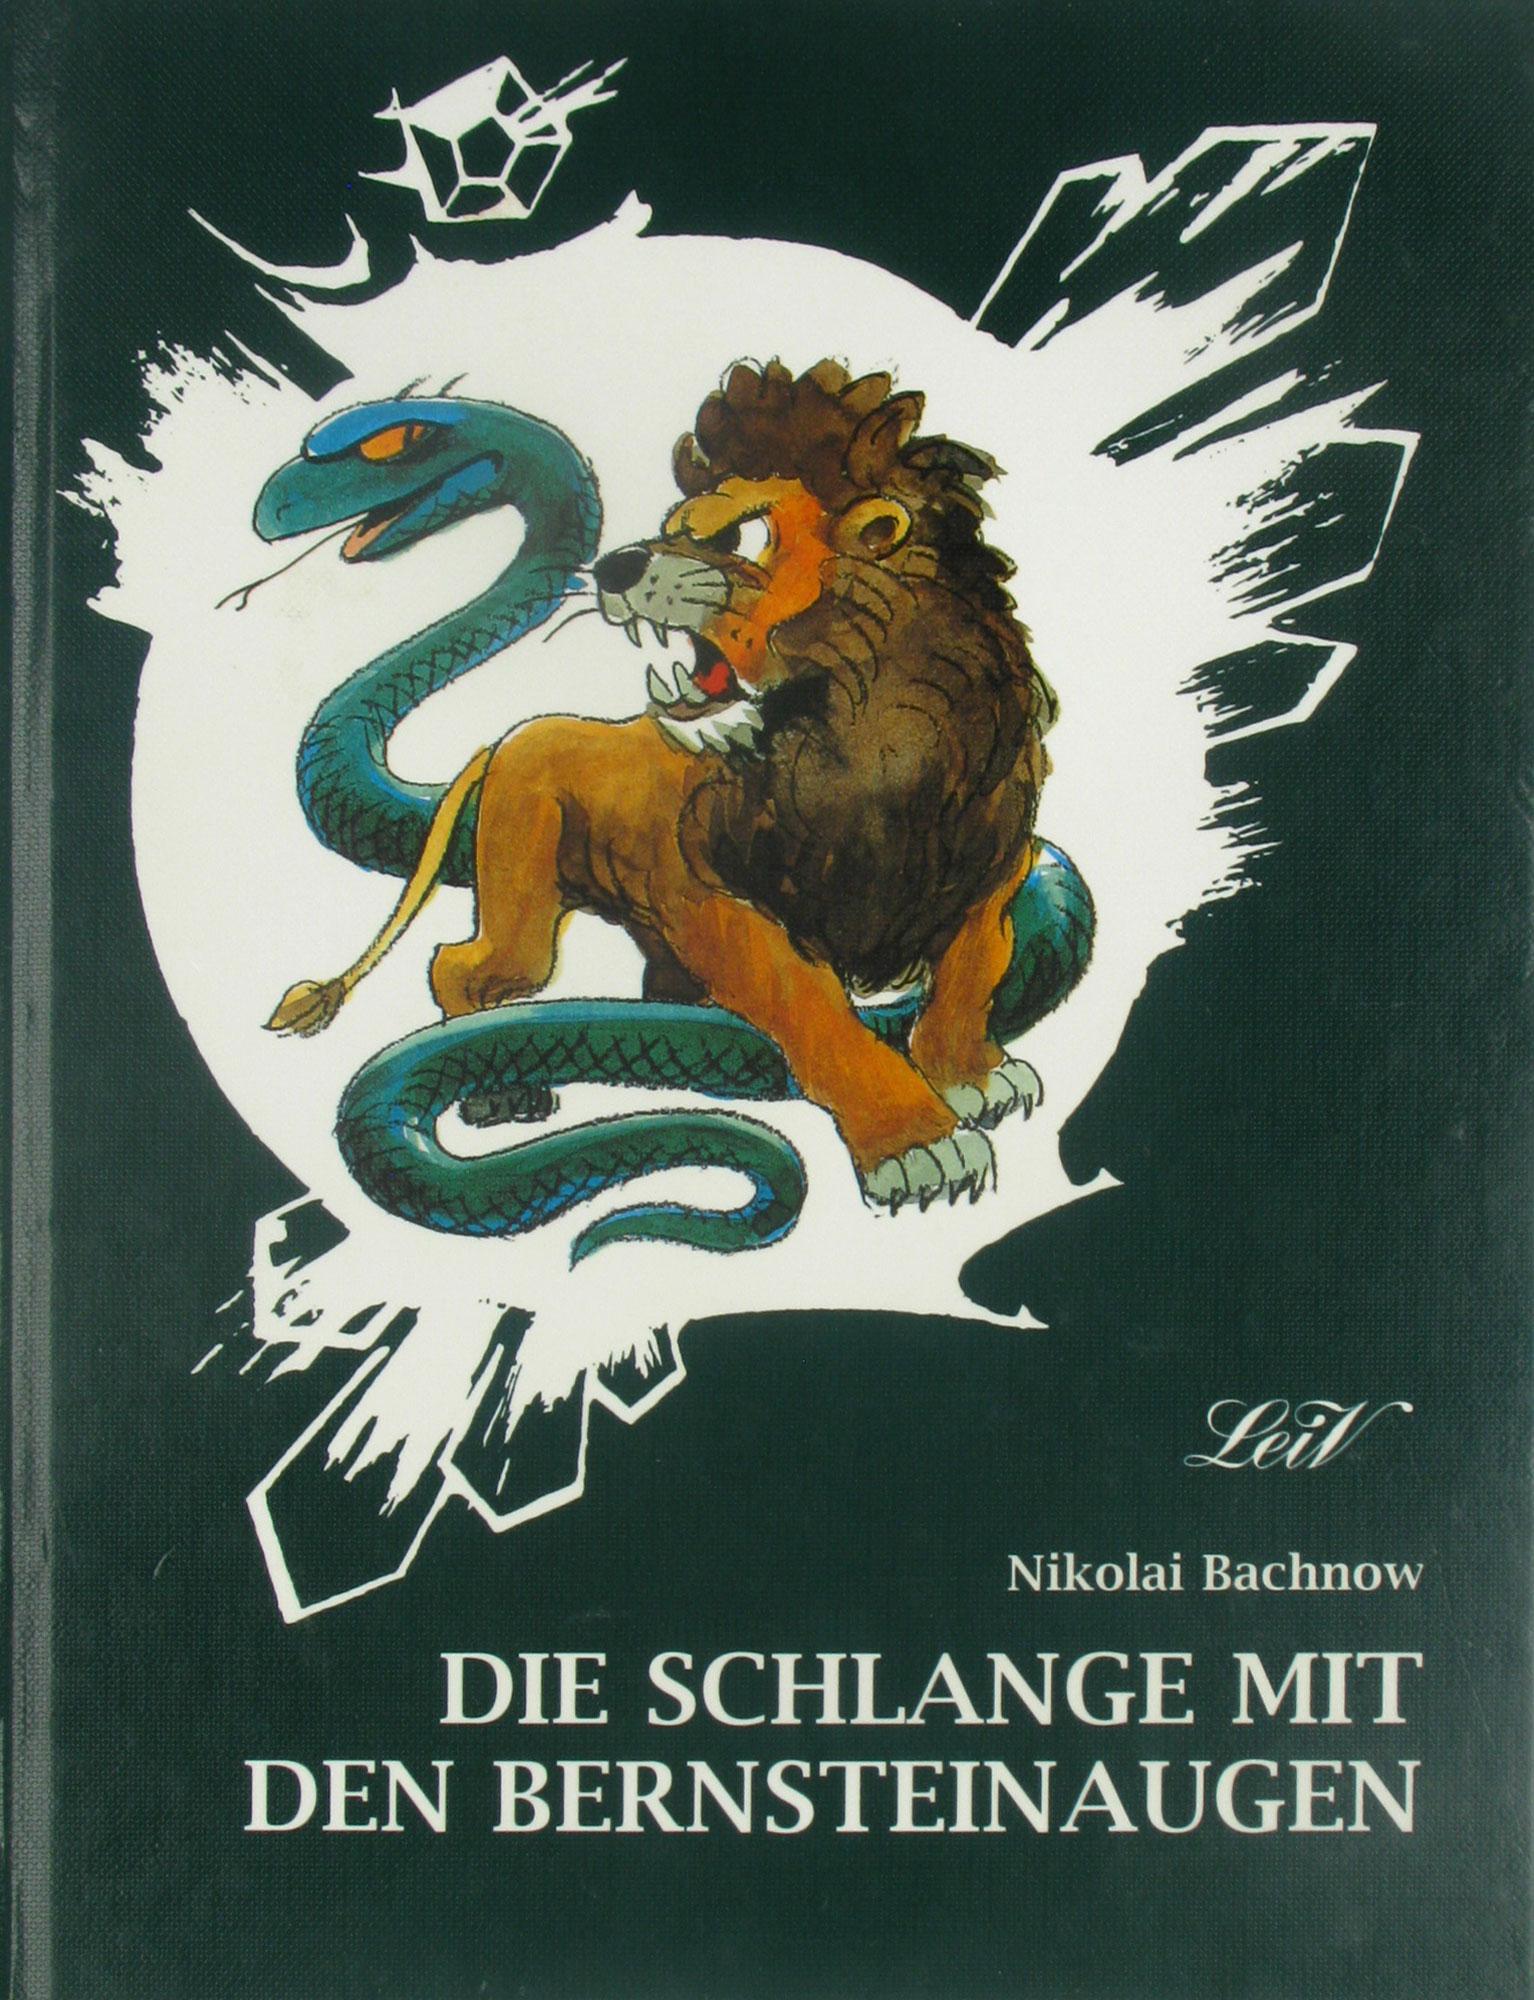 Die Schlange mit den Bernsteinaugen  1. Auflage - Bachnow, Nikolai